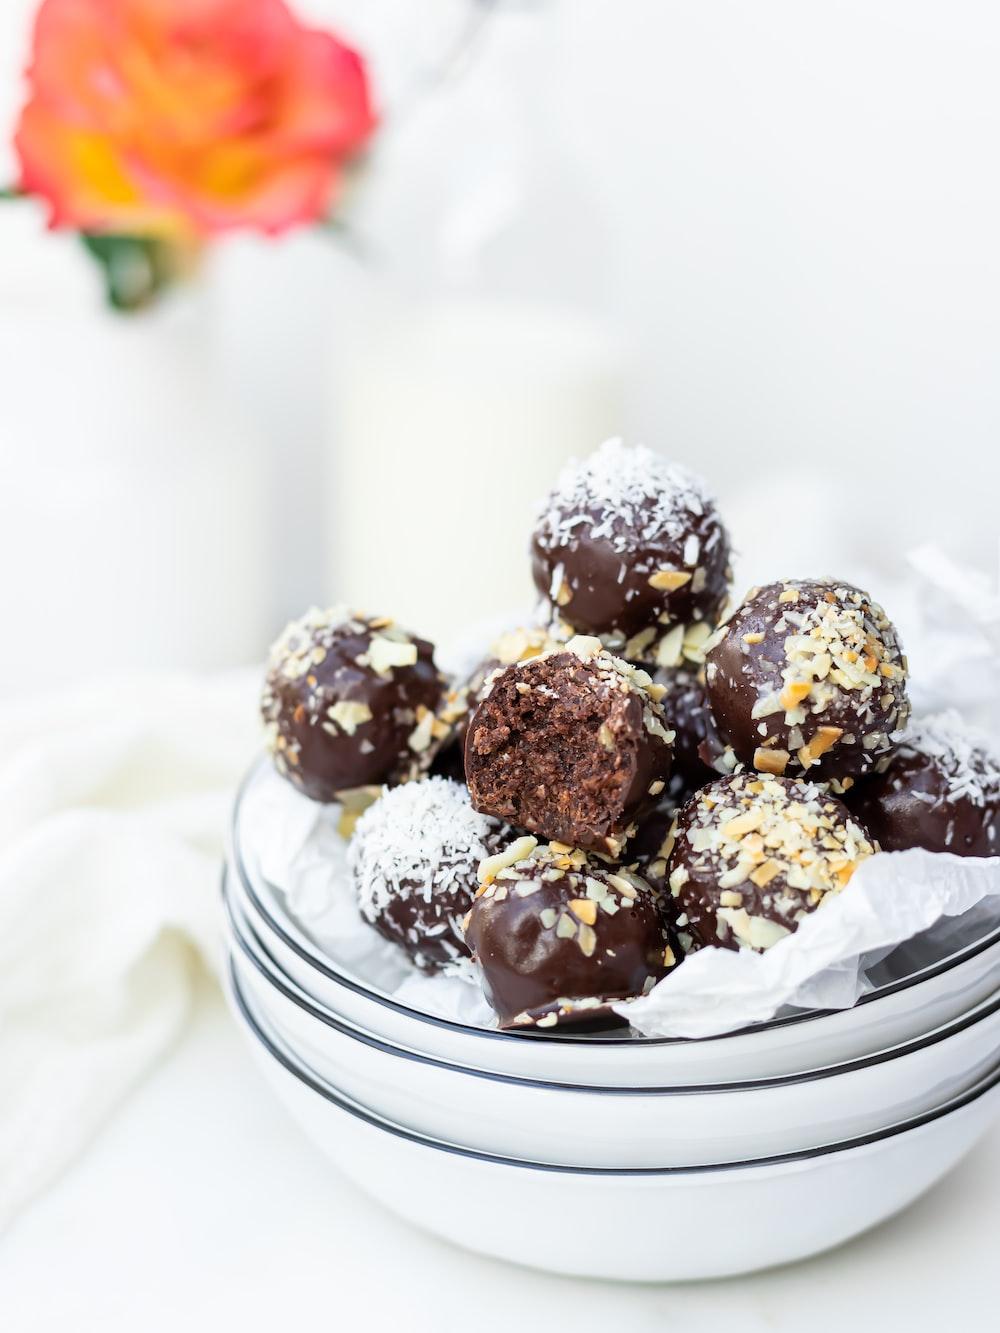 chocolate cupcakes on white ceramic plate